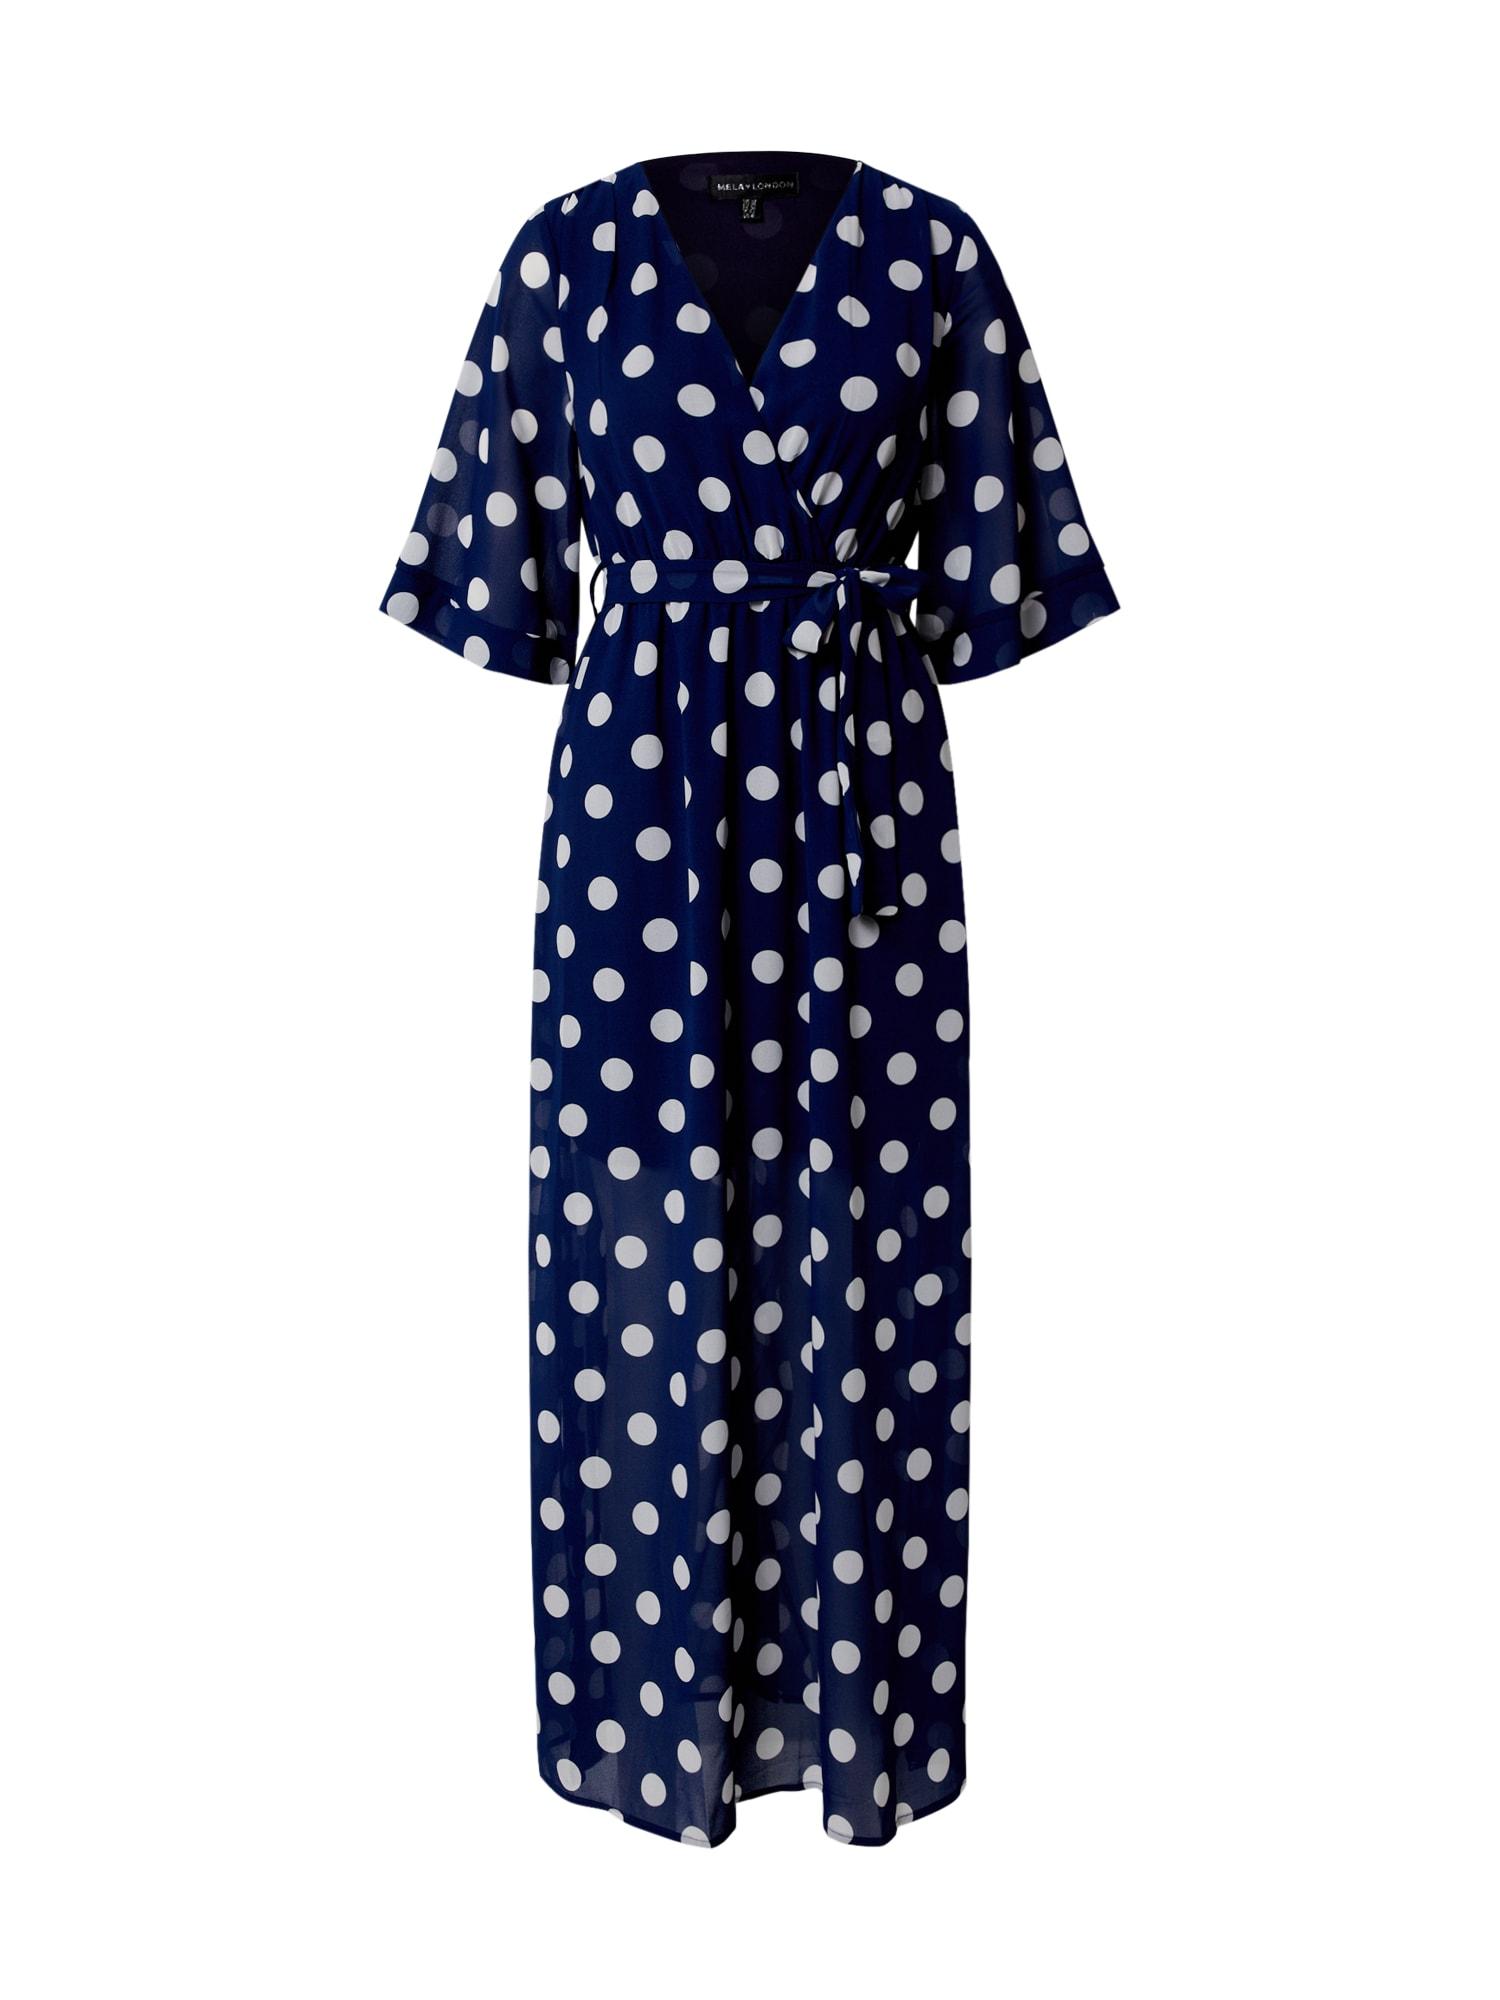 Mela London Šaty 'POLKA DOT'  biela / námornícka modrá